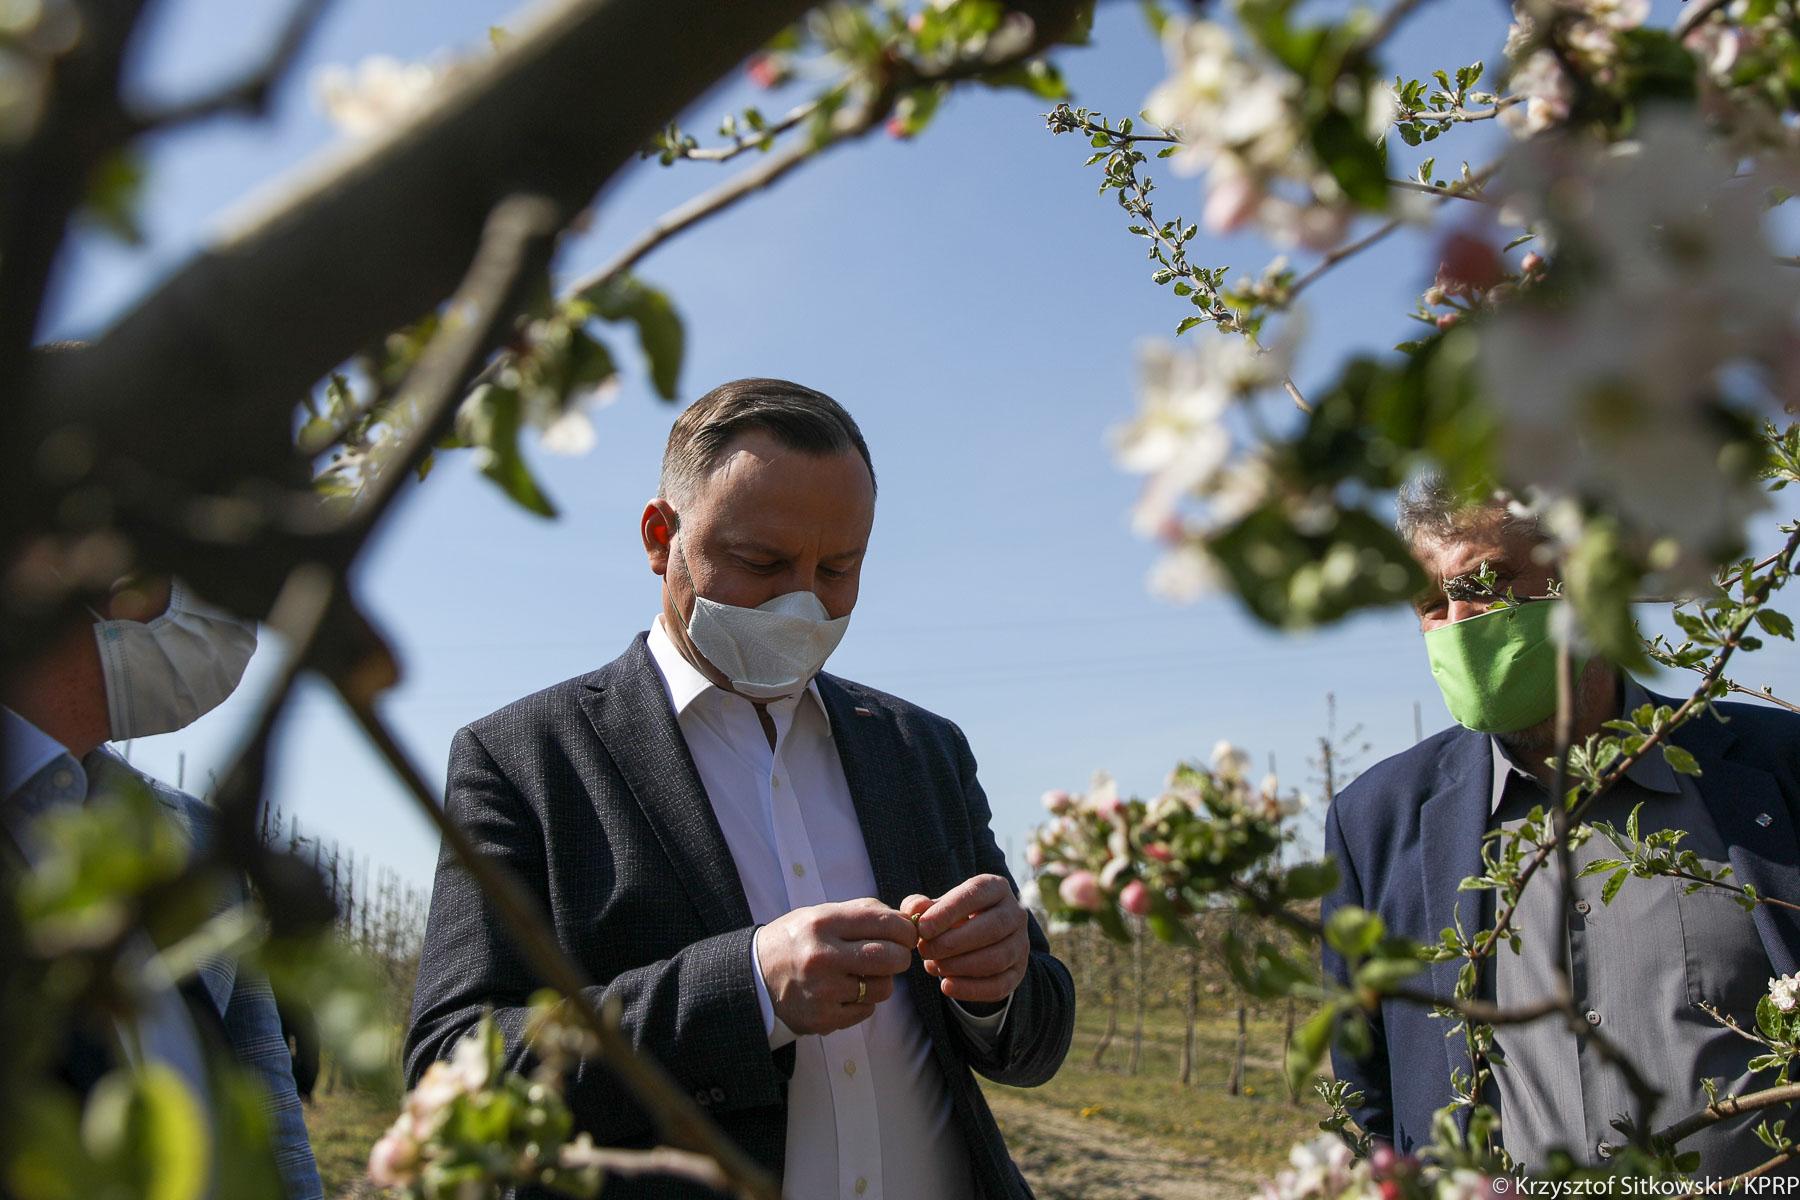 Prezydent A. Duda i min. J. K. Ardanowski zapoznają się ze stanem owocujących drzew